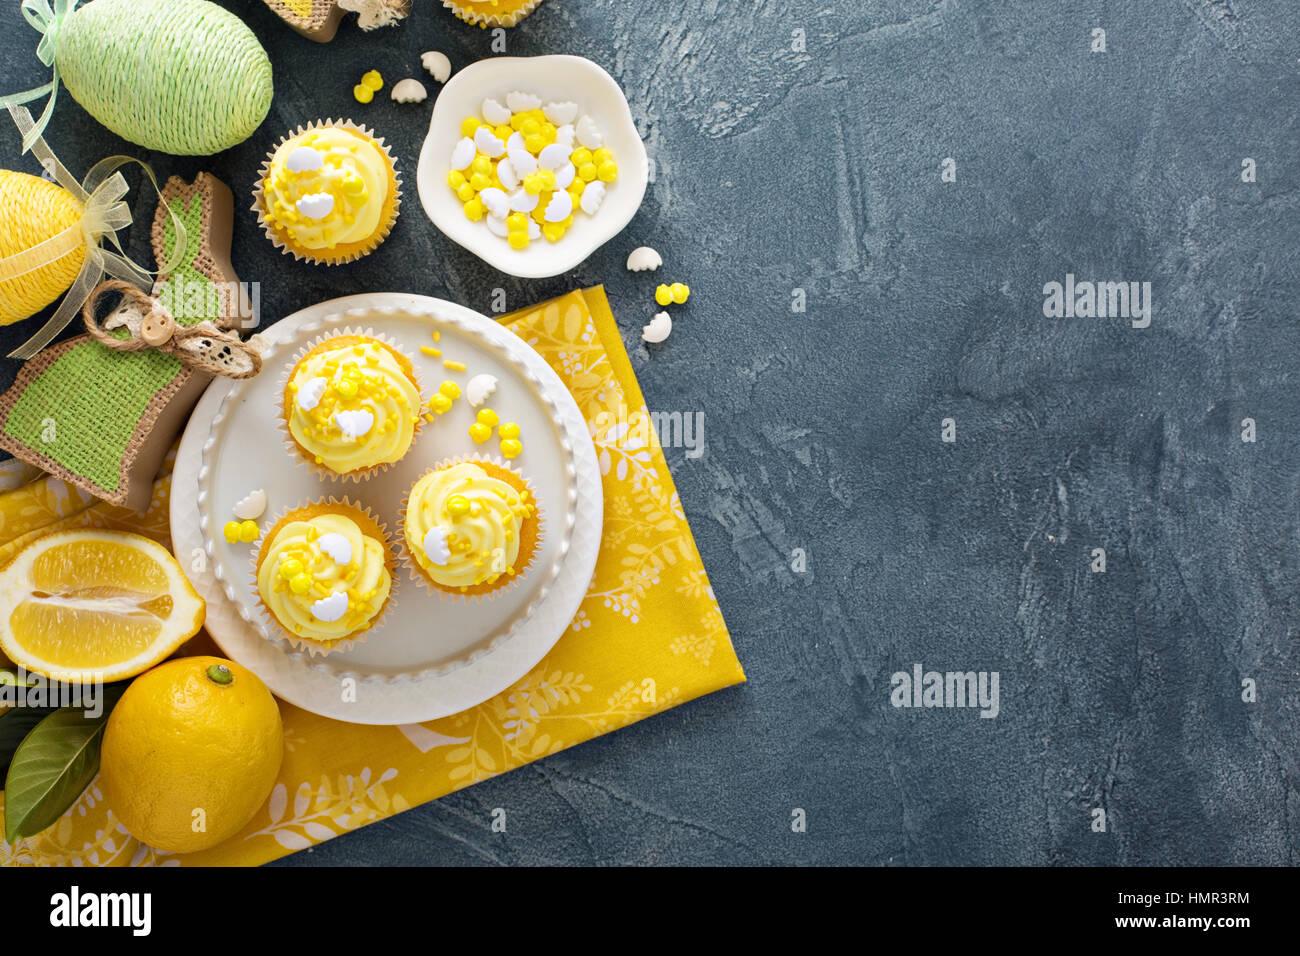 Cupcakes avec glaçage jaune citron pour Pâques Photo Stock